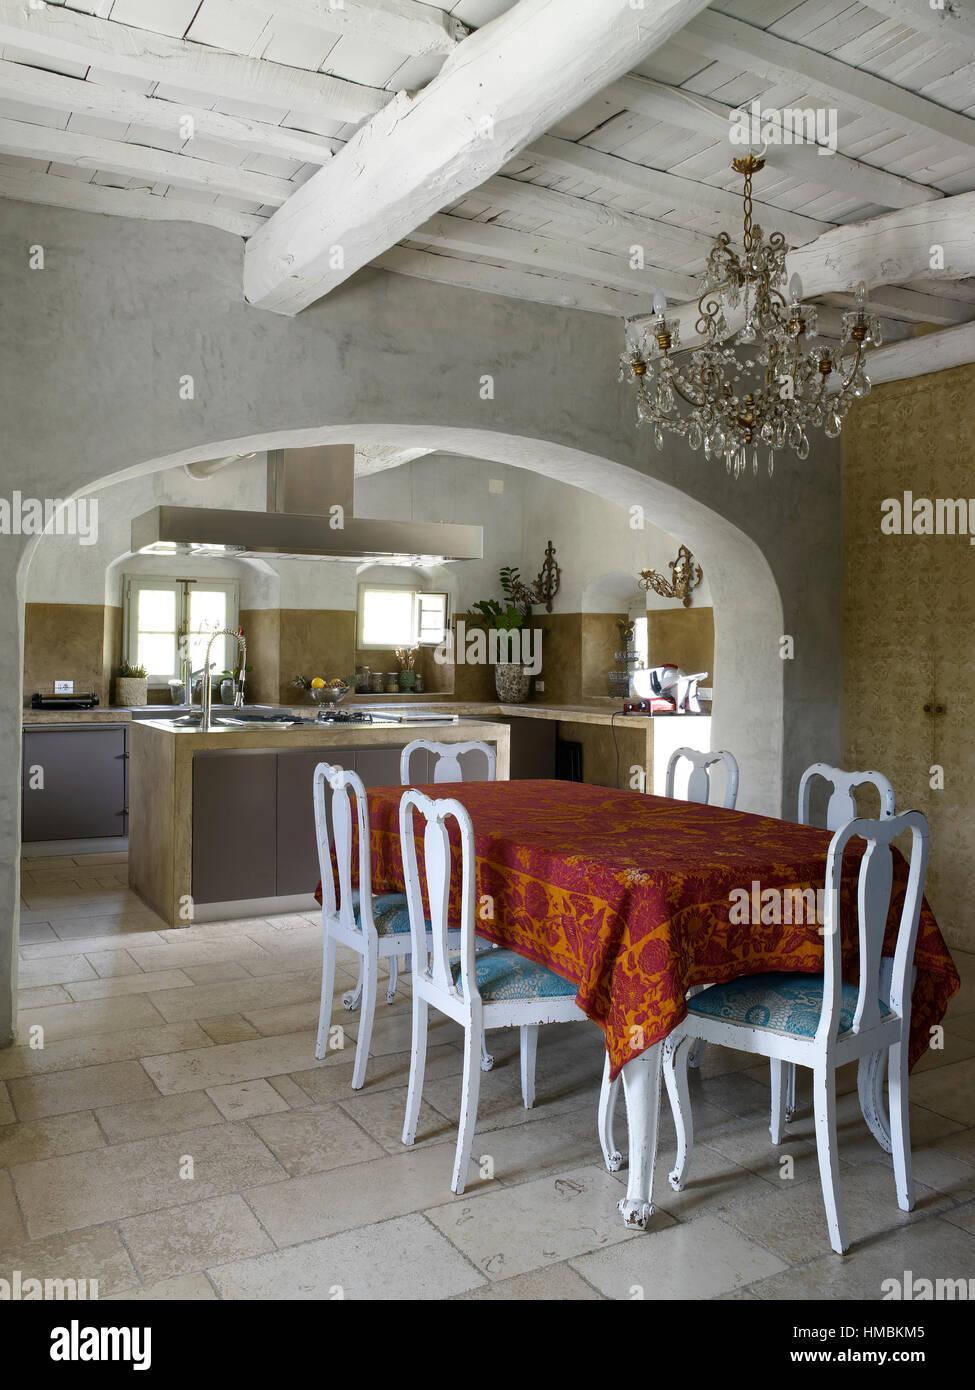 Einrichtung Einer Modernen Kuche In Einem Landhaus In Der Toskana